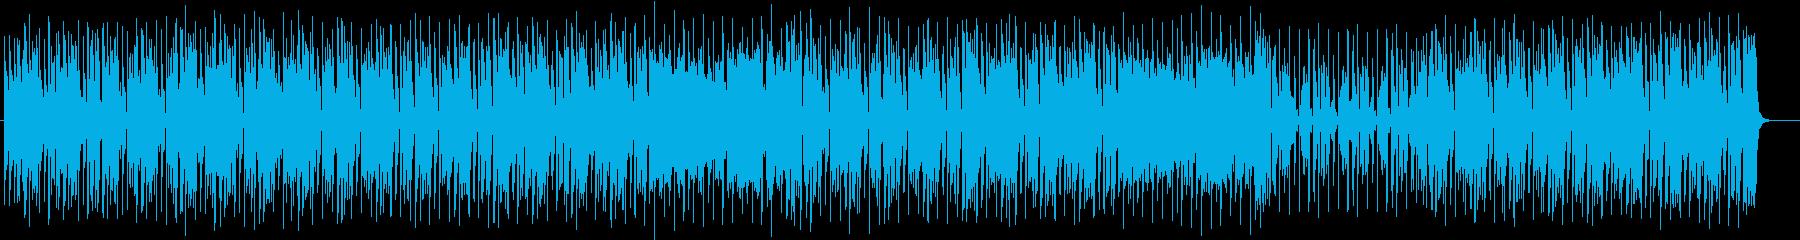 軽快でパワフルでワイルドなシンセロックの再生済みの波形